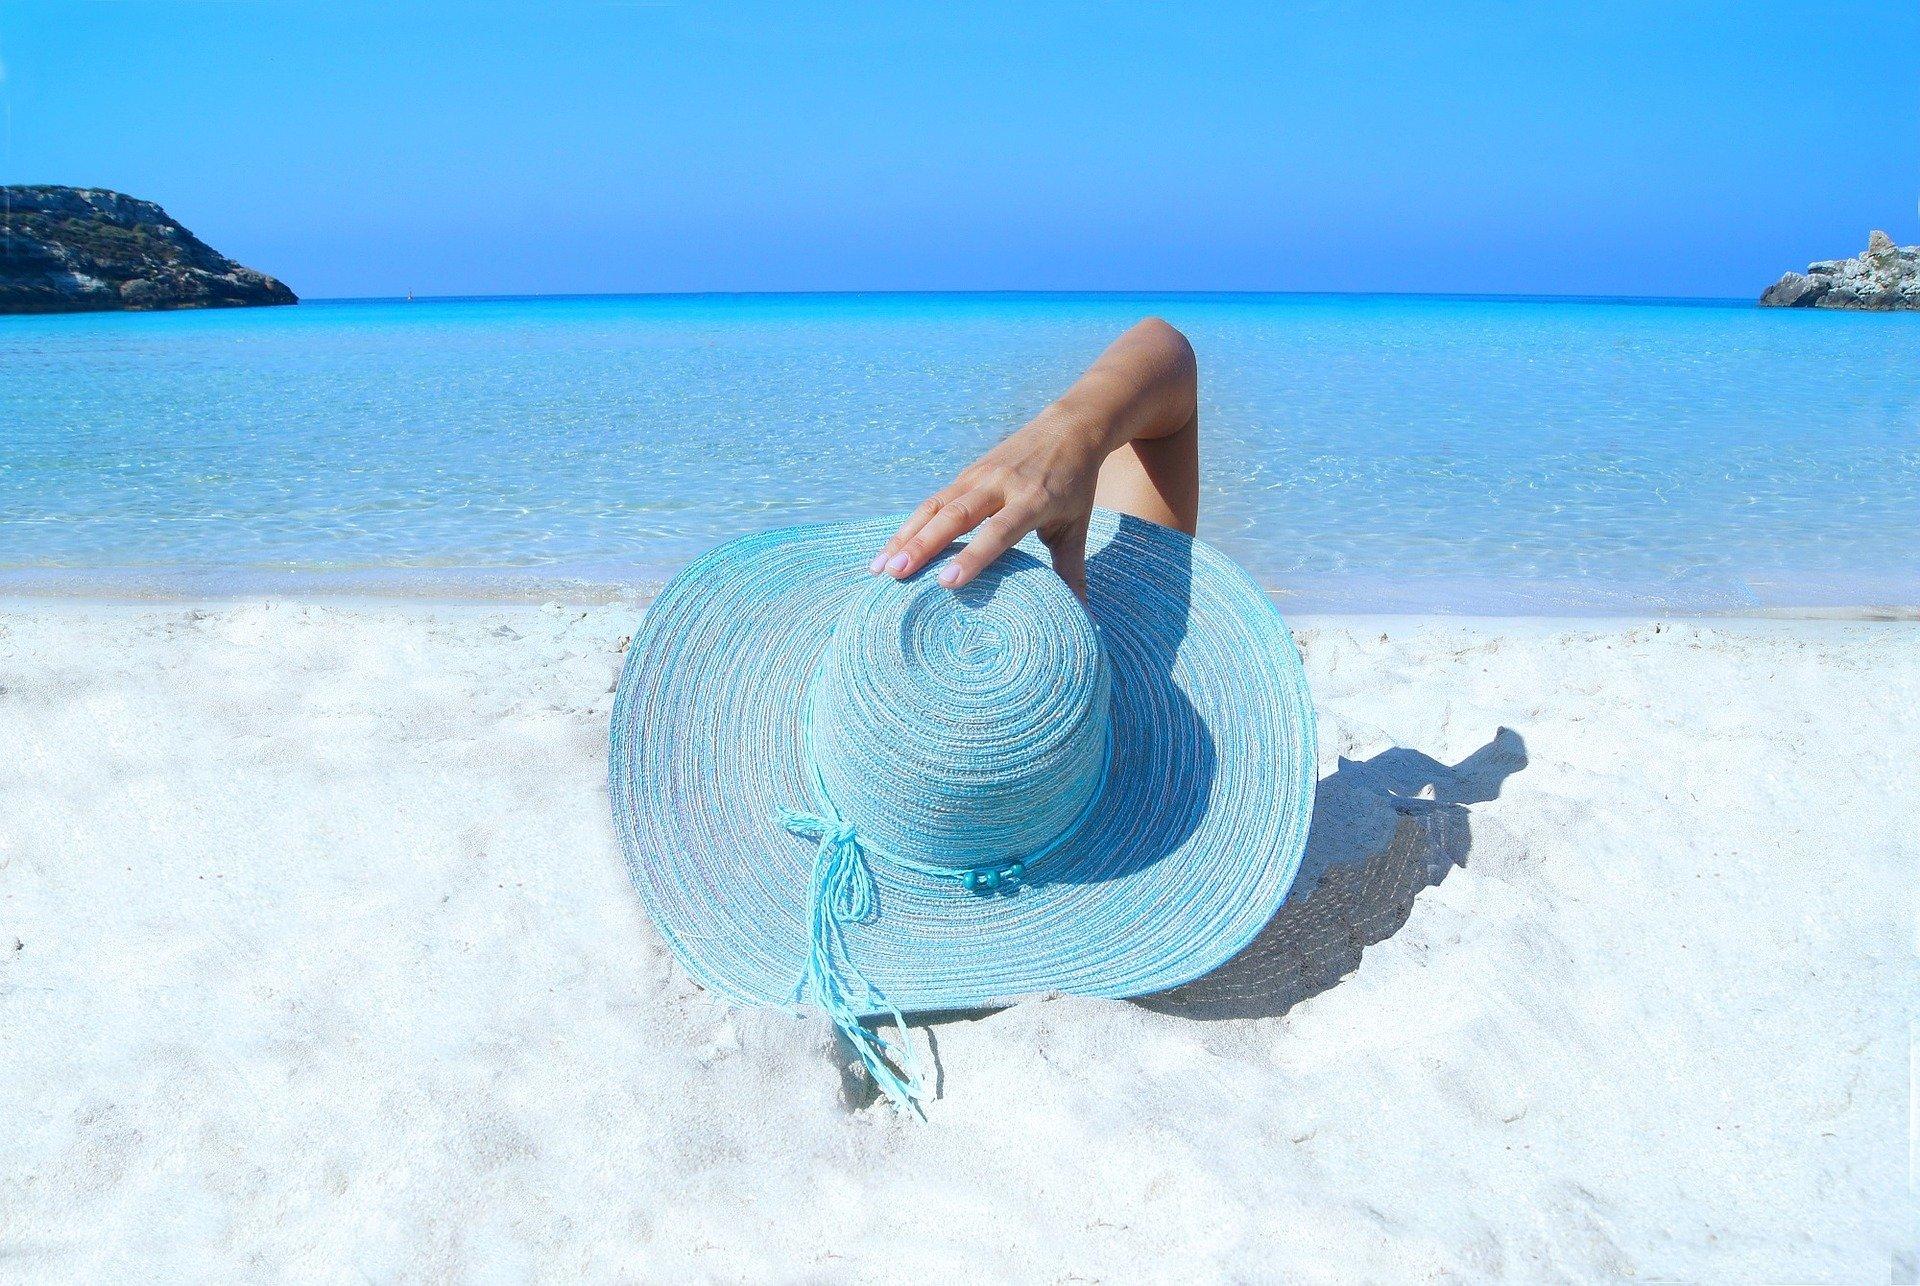 donna sdraiata al mare della quale si vede solo il cappello e il braccio